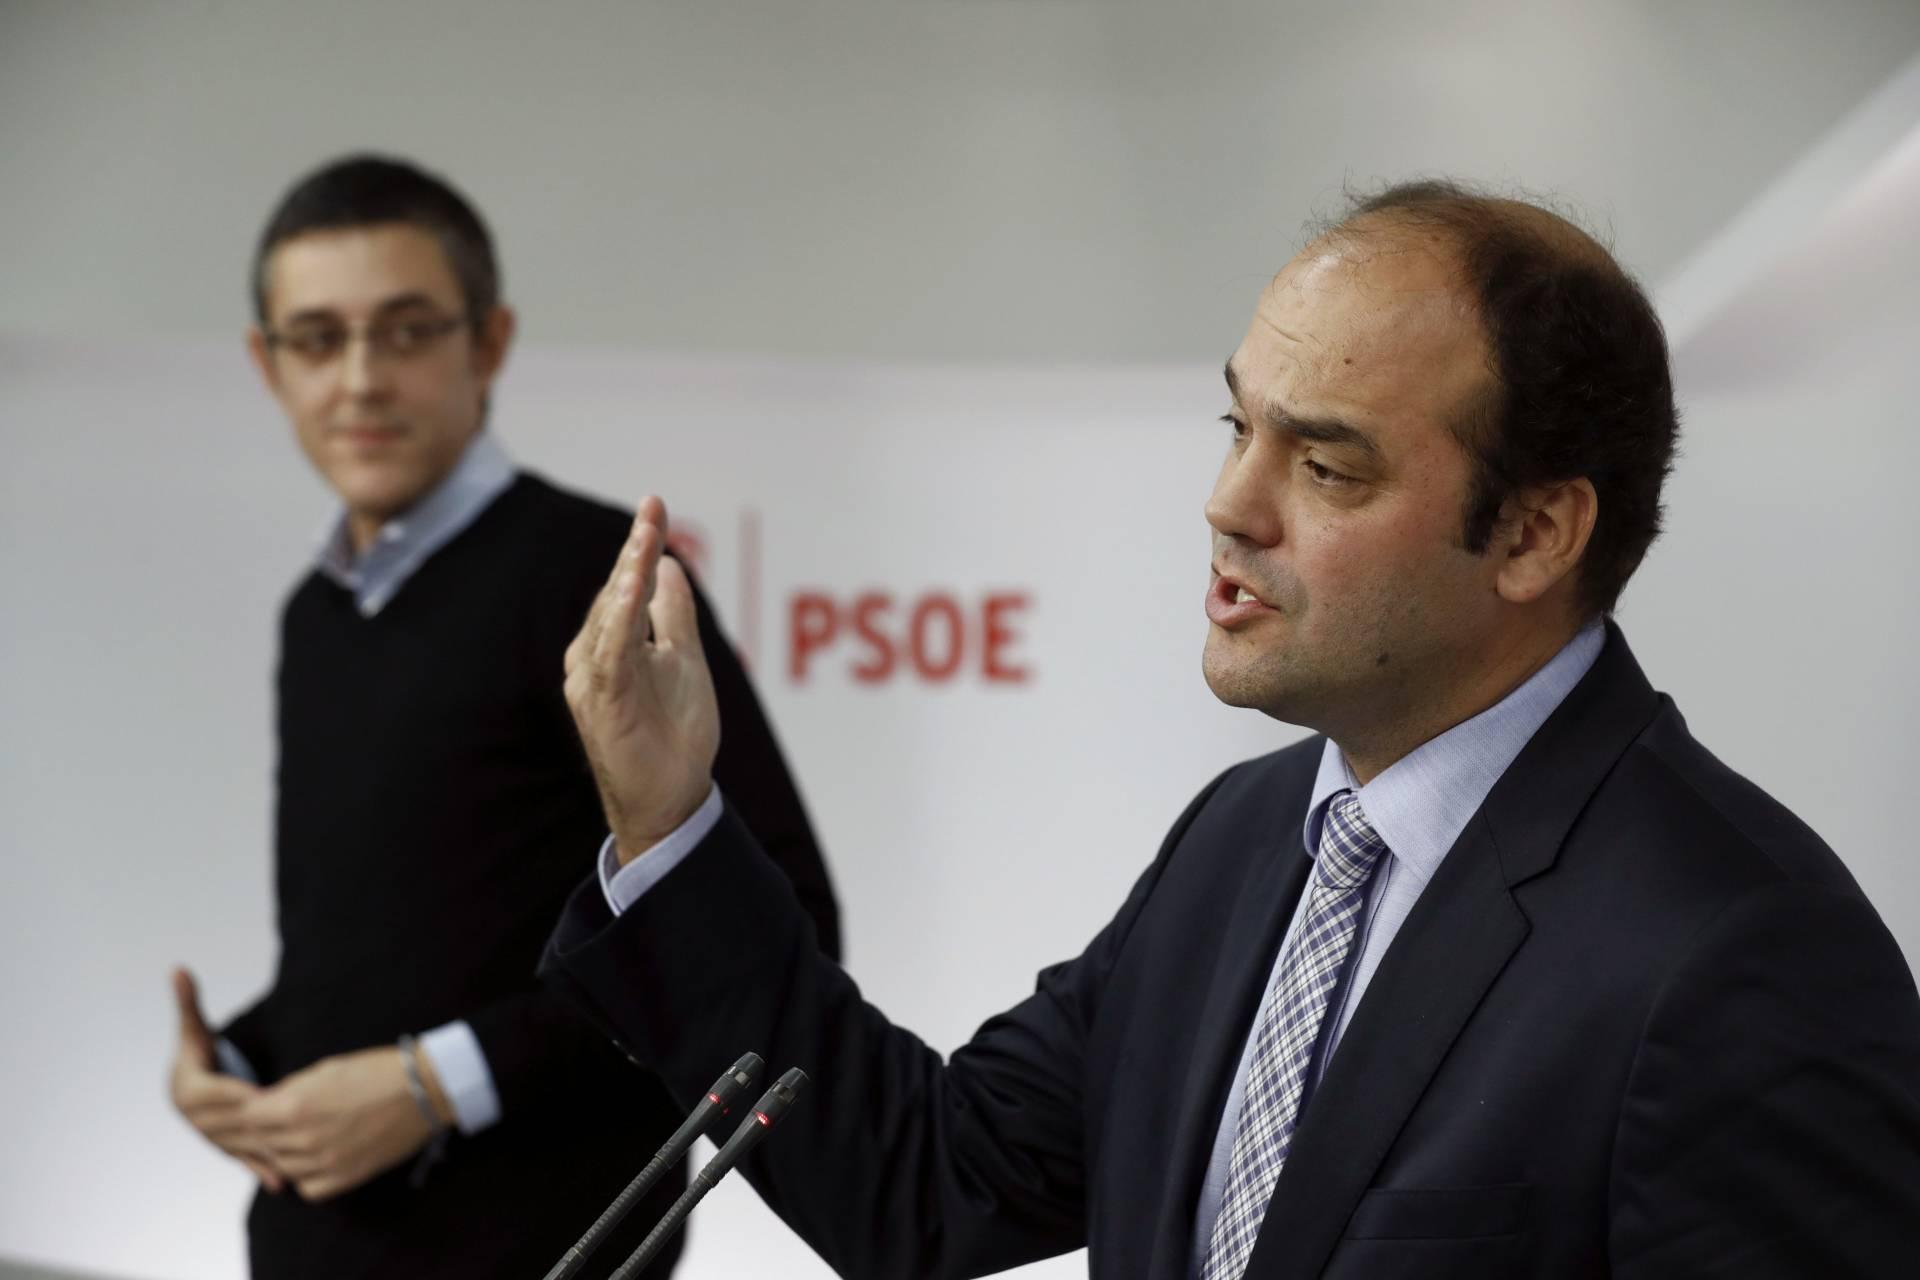 Eduardo Madina y José Carlos Díez